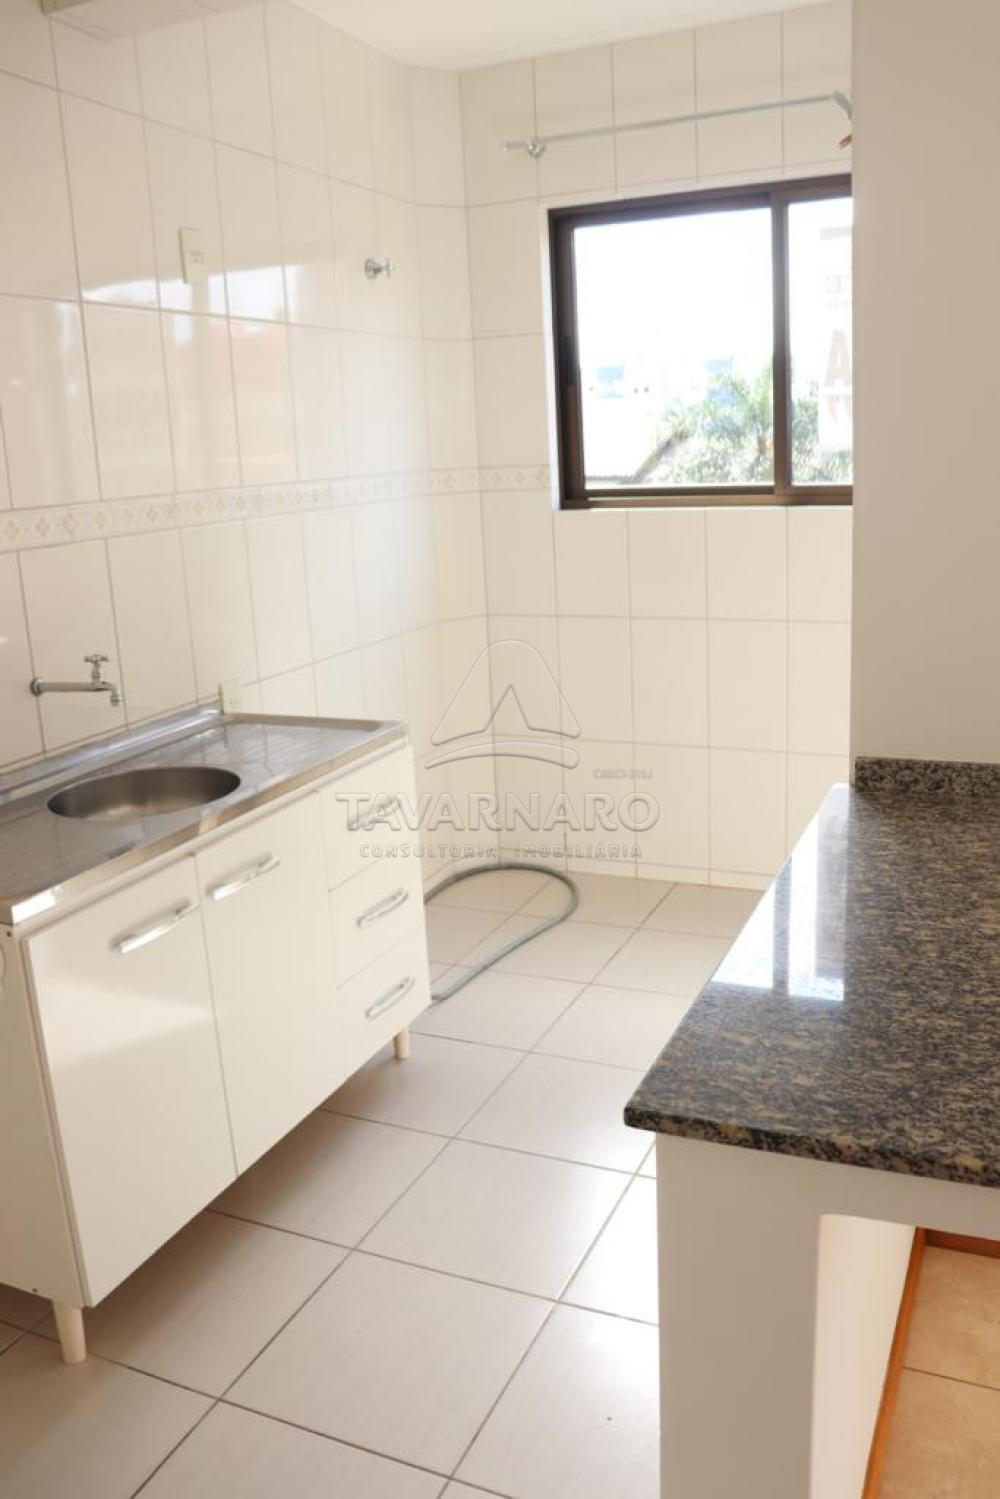 Alugar Apartamento / Padrão em Ponta Grossa R$ 1.000,00 - Foto 2